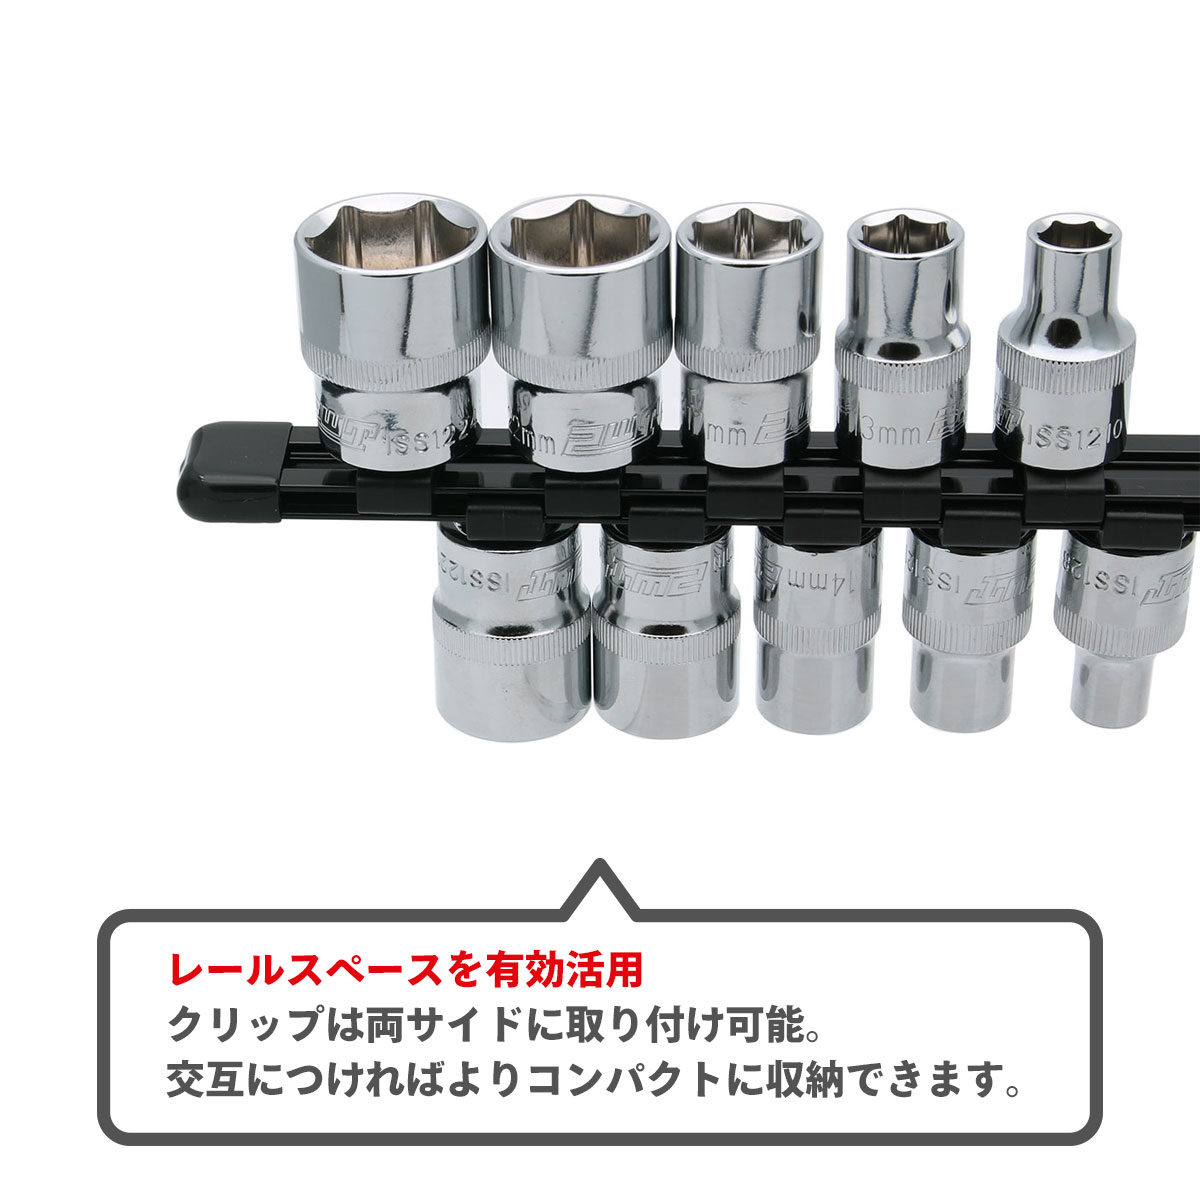 """PWT 1/2""""(12.7sq)DR. アルミ製 ソケットホルダー 305mm"""